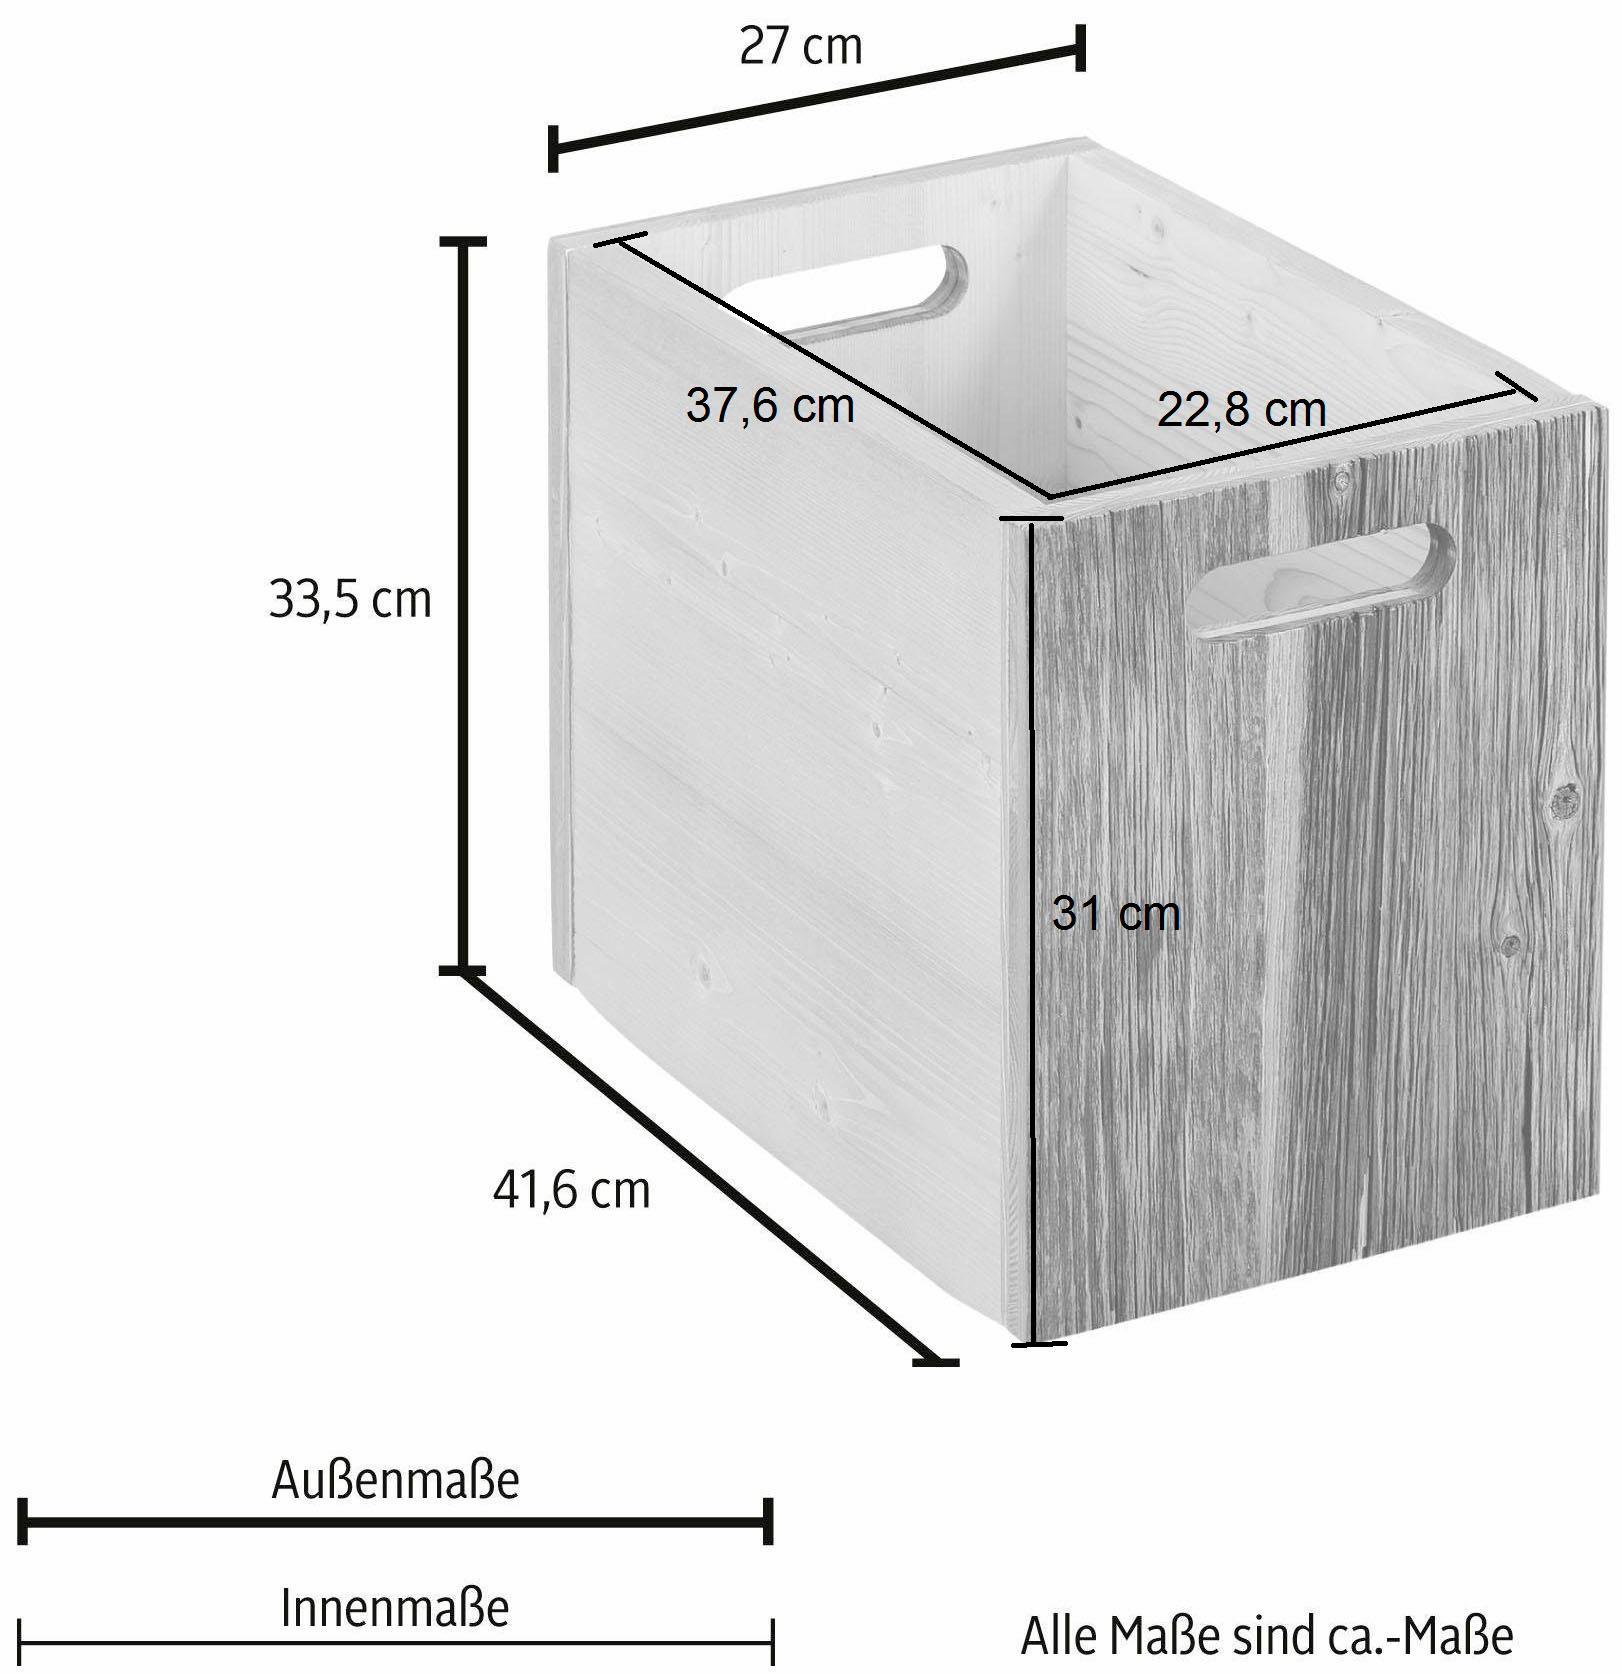 Home affaire Aufbewahrungskiste Wohnen/Räume/Schlafzimmer/Truhen, Kisten & Körbe/Kisten